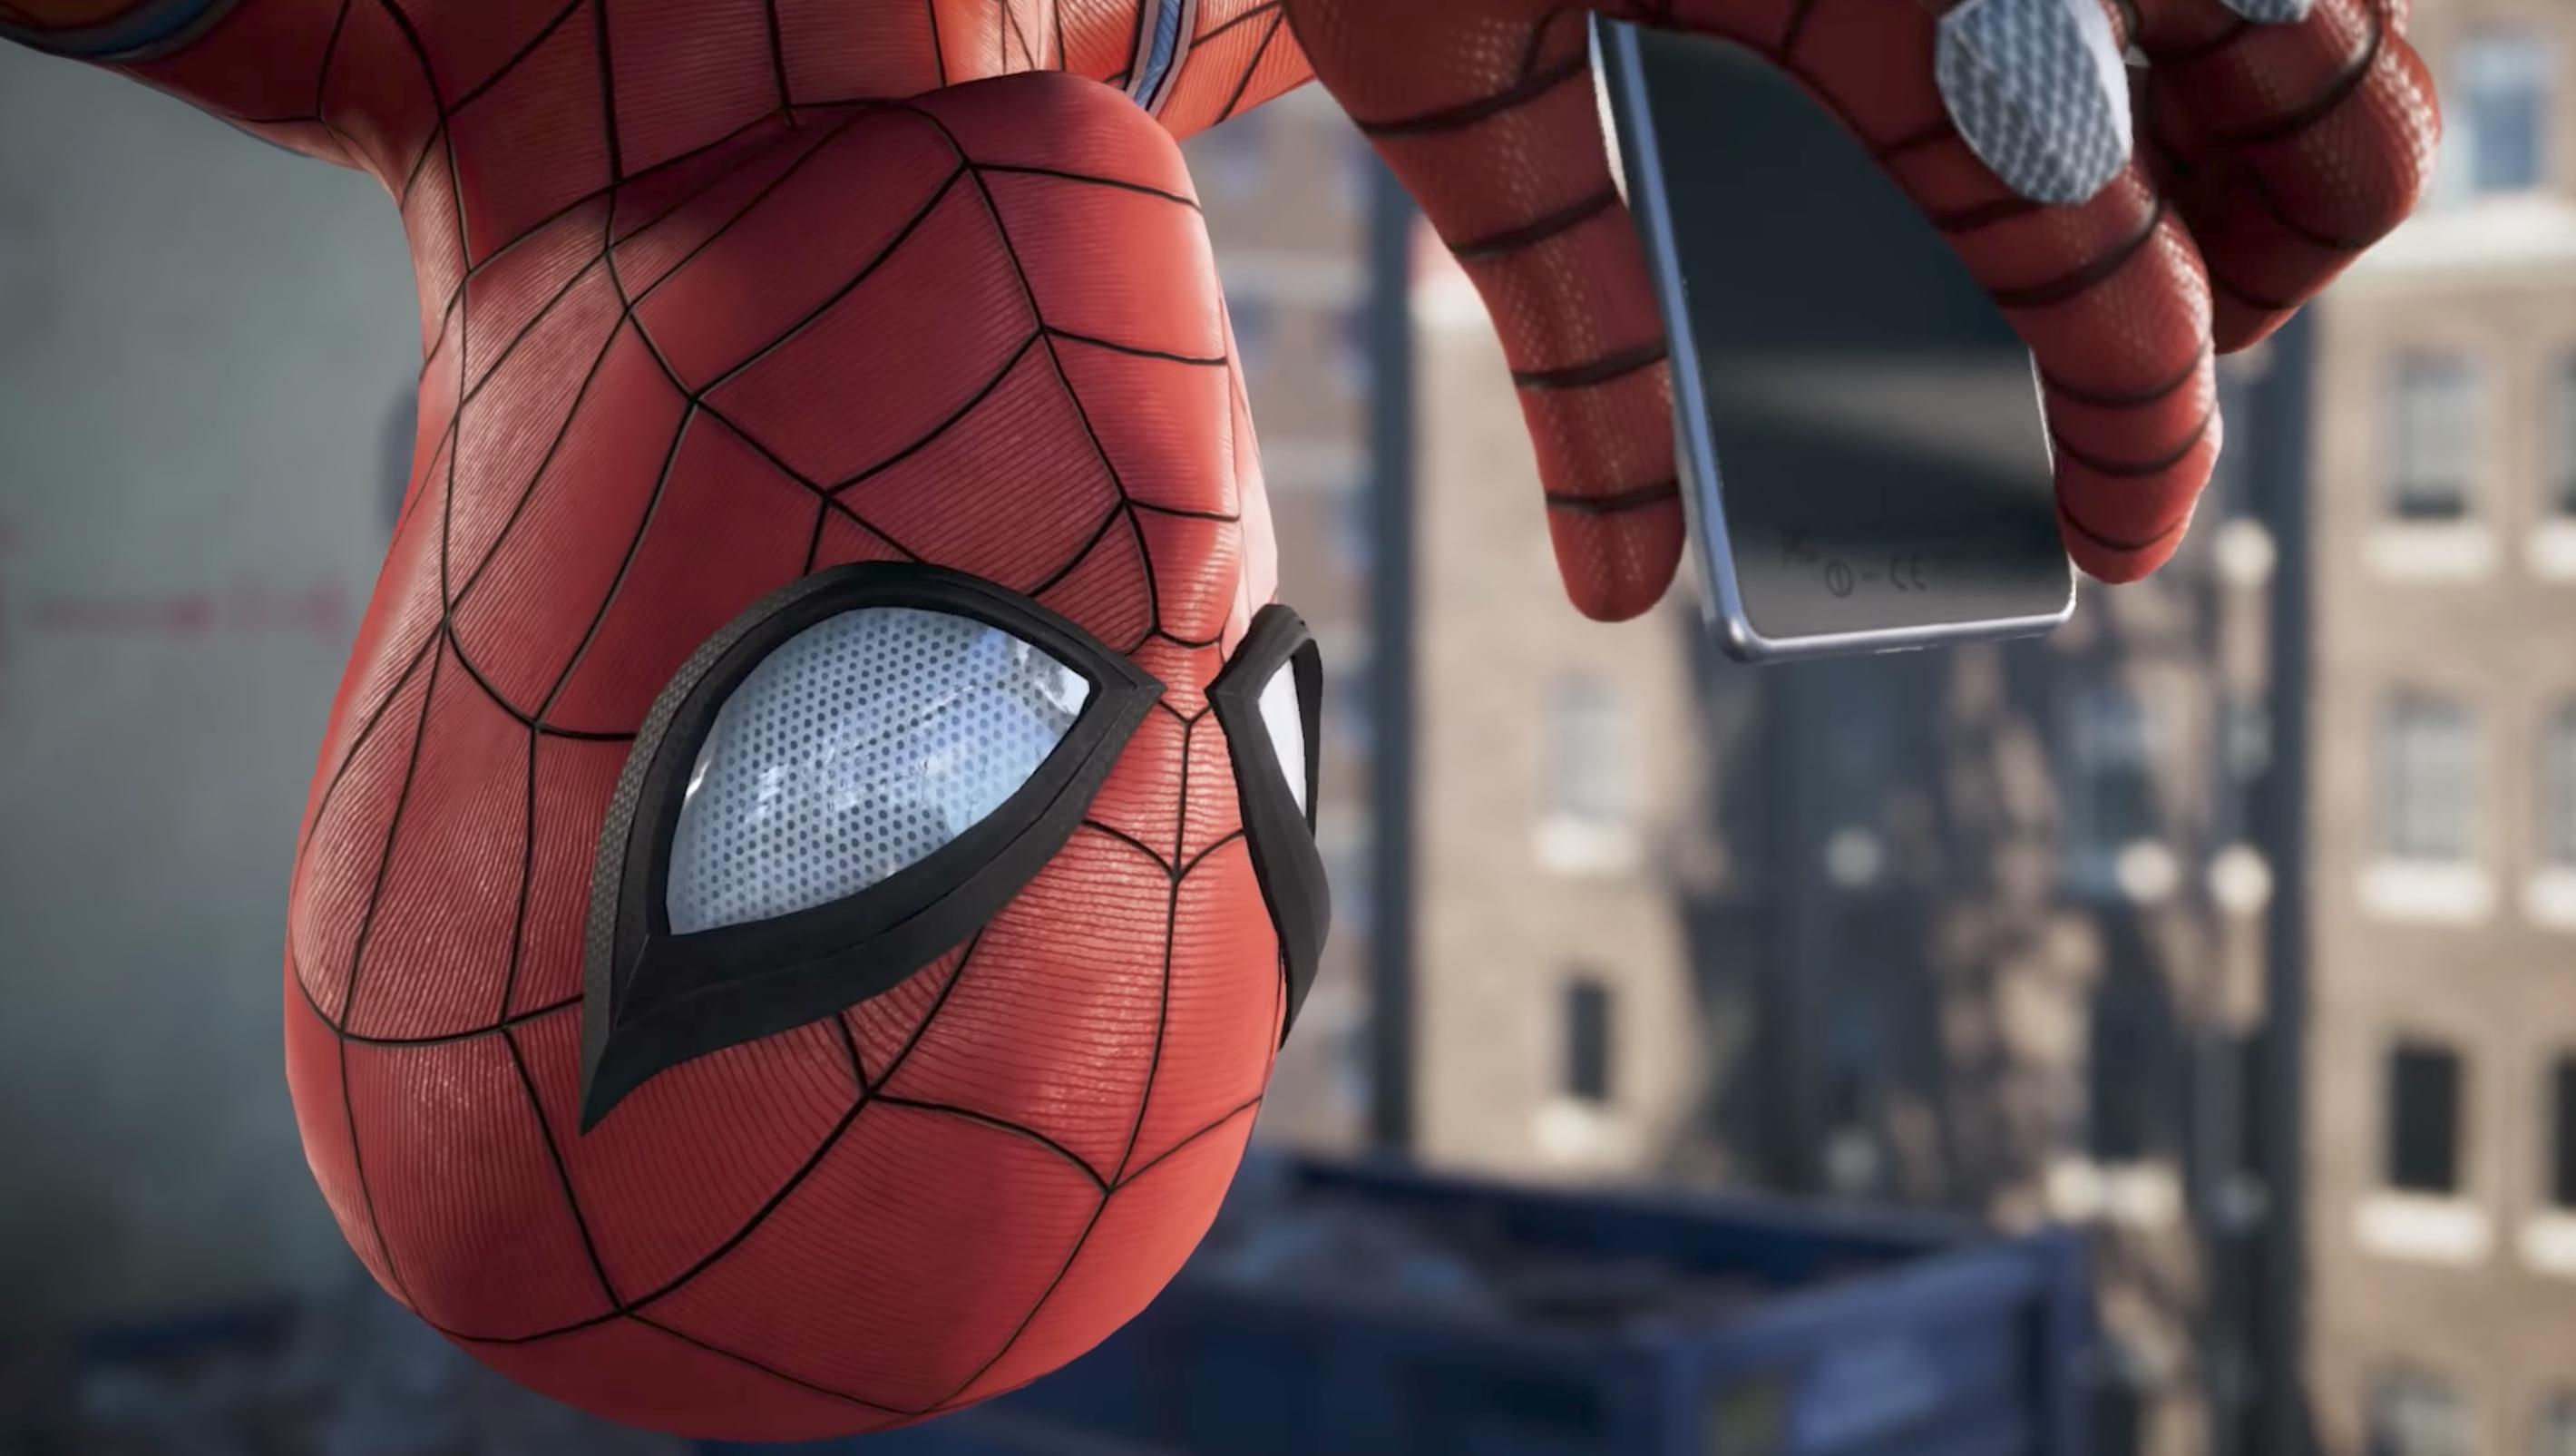 Spiderman Insomniac Games